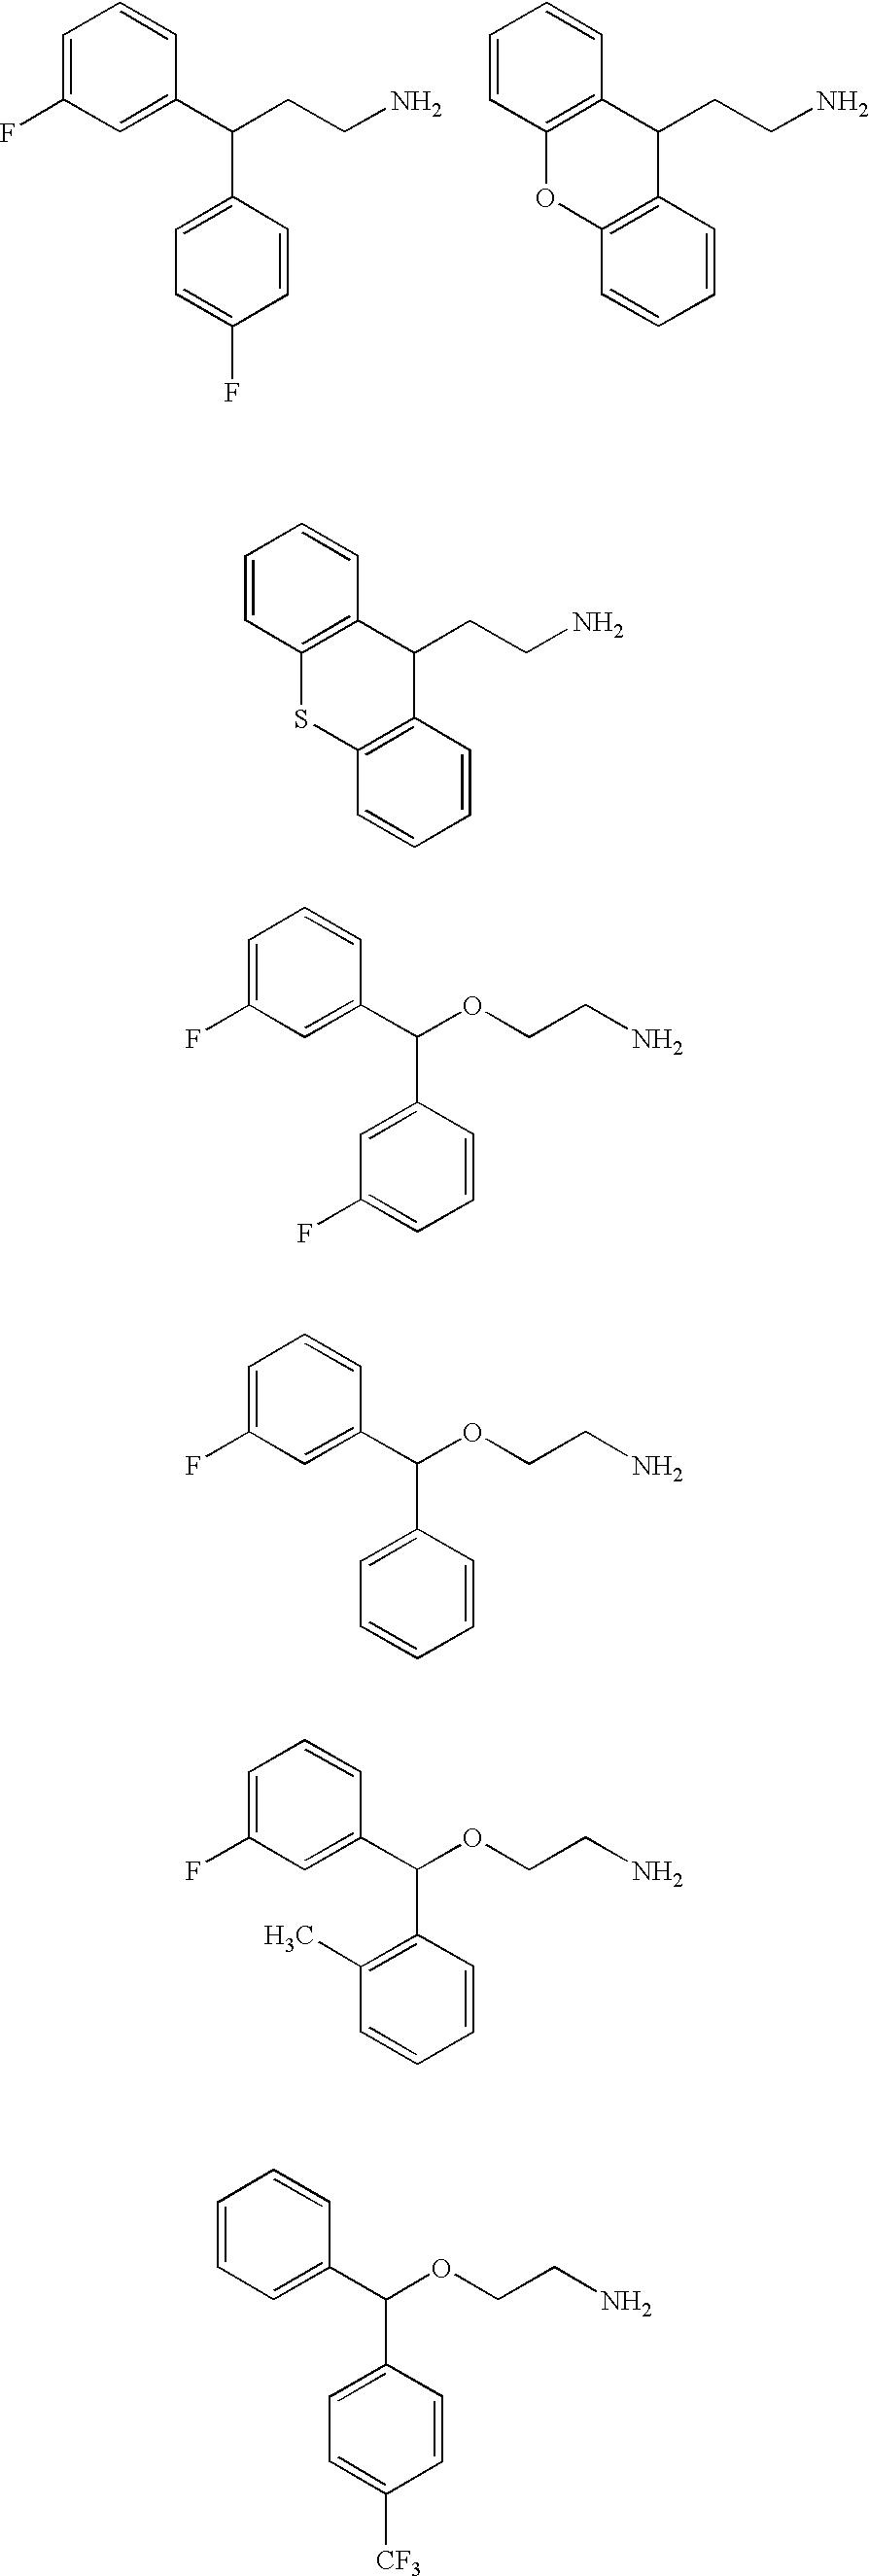 Figure US20050282859A1-20051222-C00069